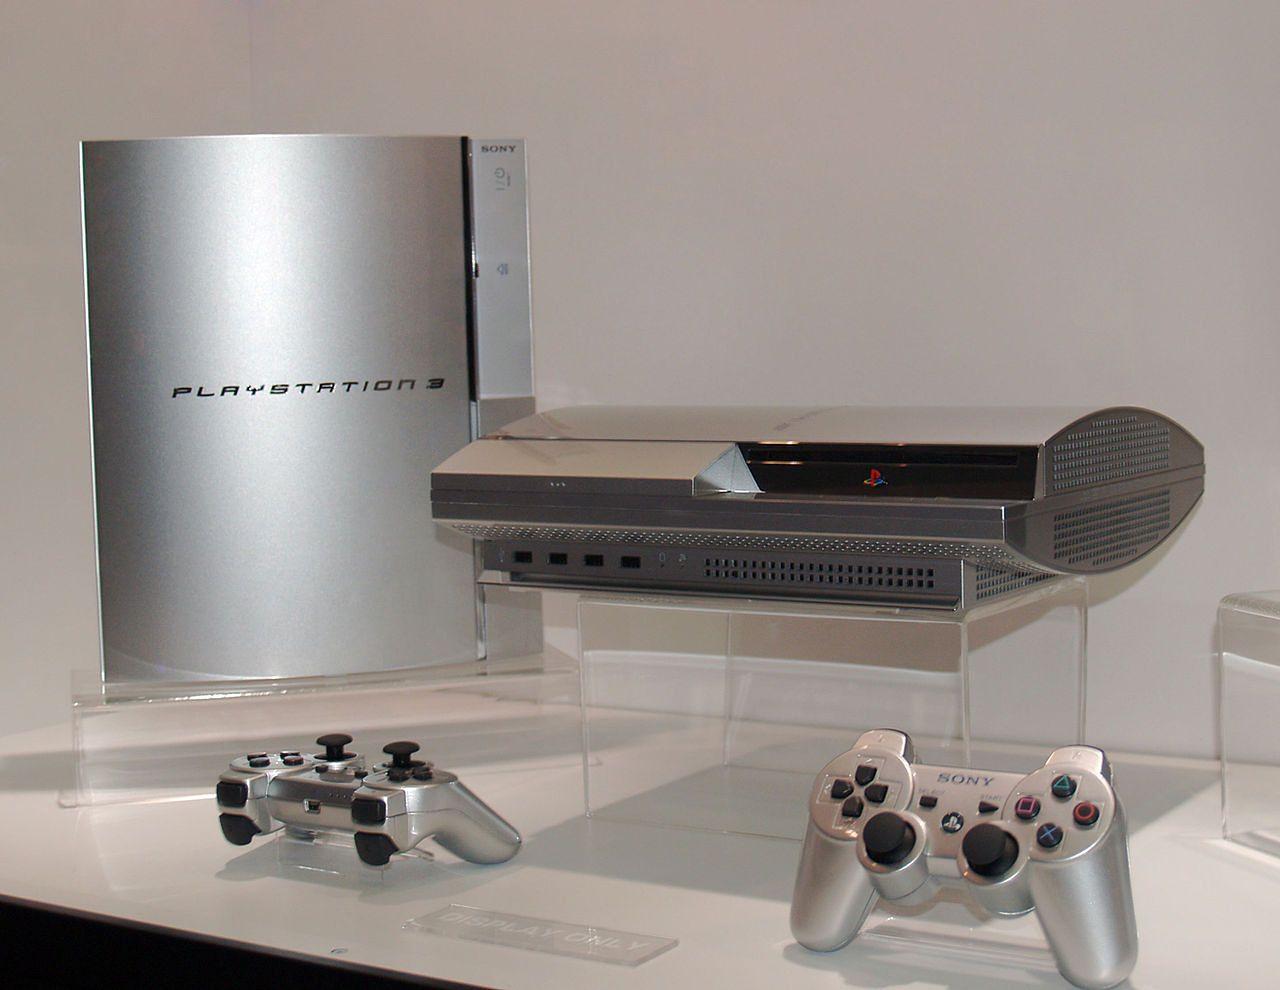 PlayStation żegna PlayStation Vita, PSP i PS3. Gry na starsze konsole wylatują ze sklepu - playstation 3